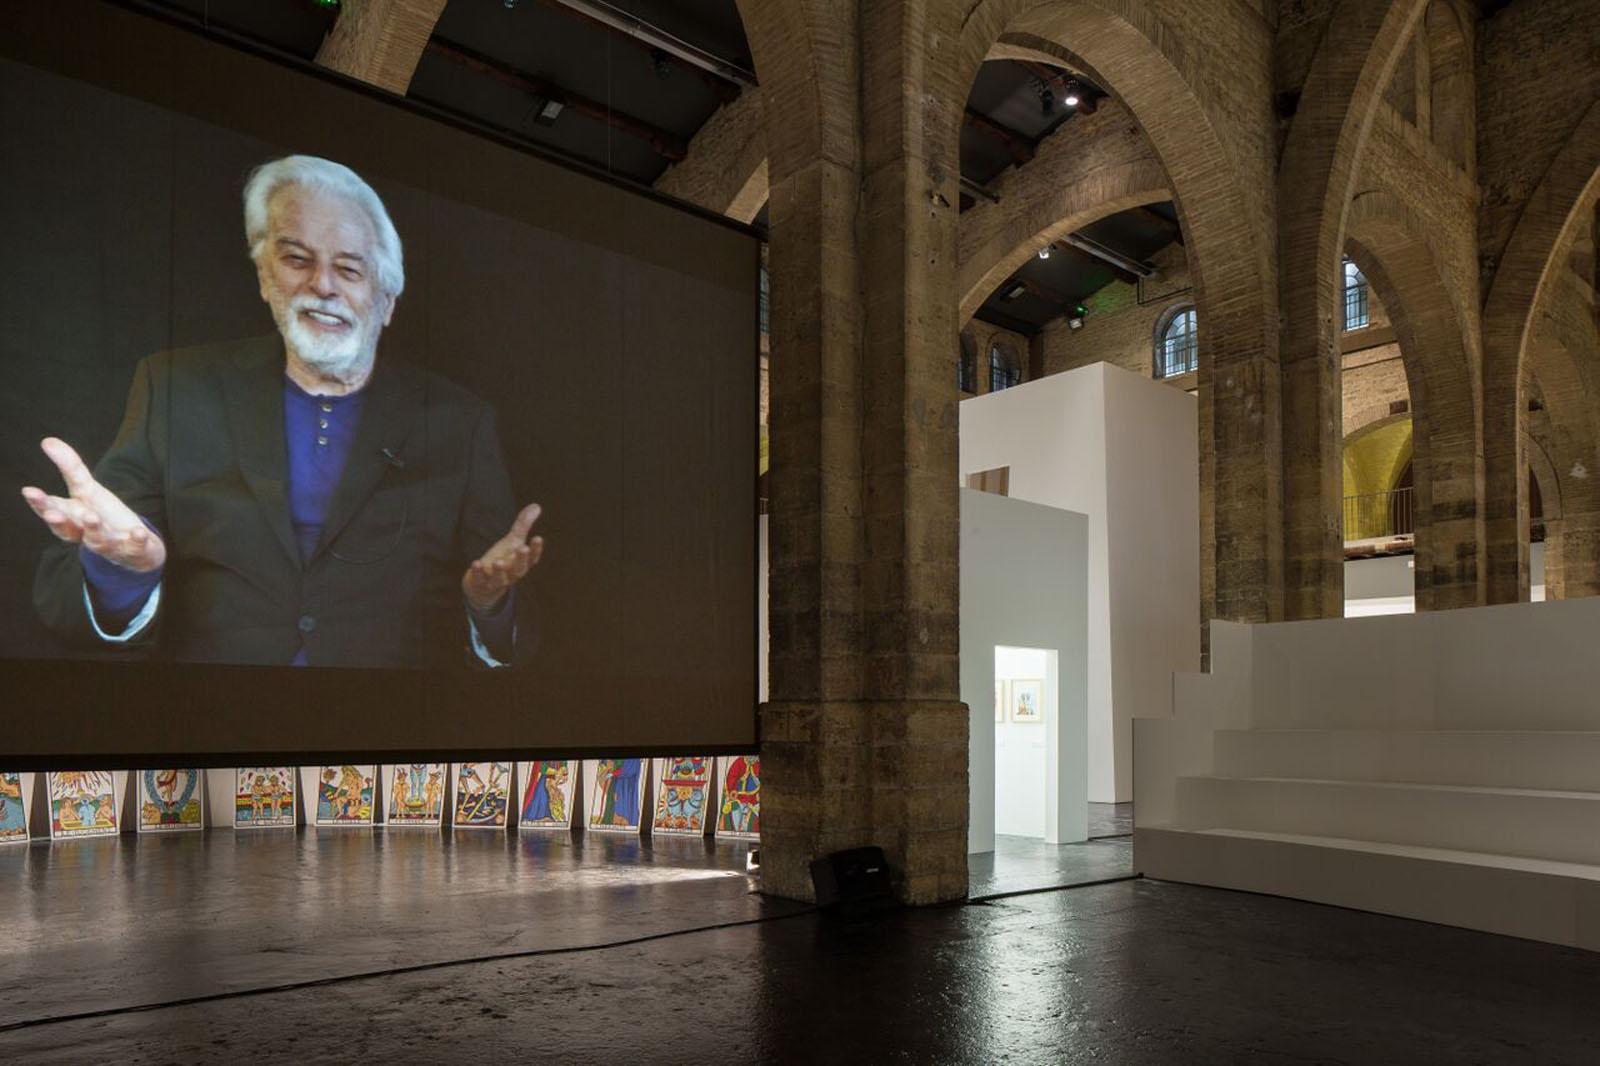 Vista de la exposición de Alejandro Jodorowsky en el CAPC, Burdeos, 2015. Foto: Arthur Péquin